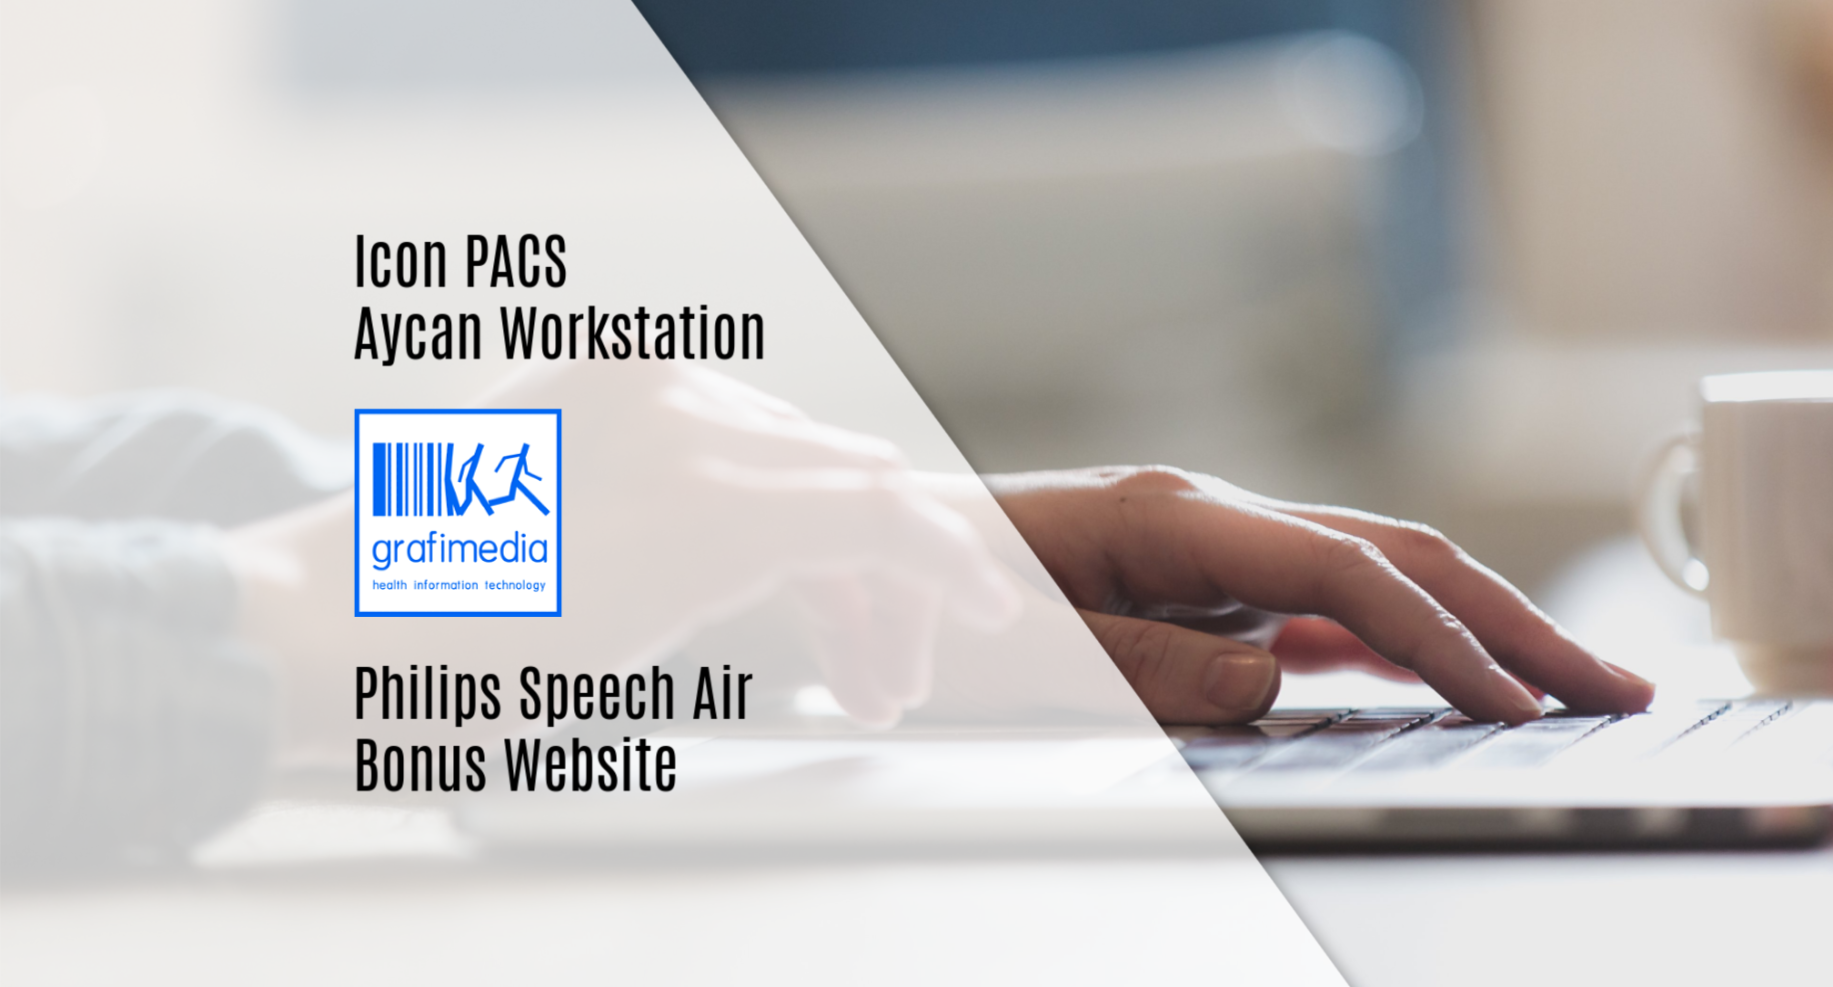 Αγοράστε τώρα σε προνομιακή τιμή το Icon PACS μαζί με το Aycan Workstation Osirix